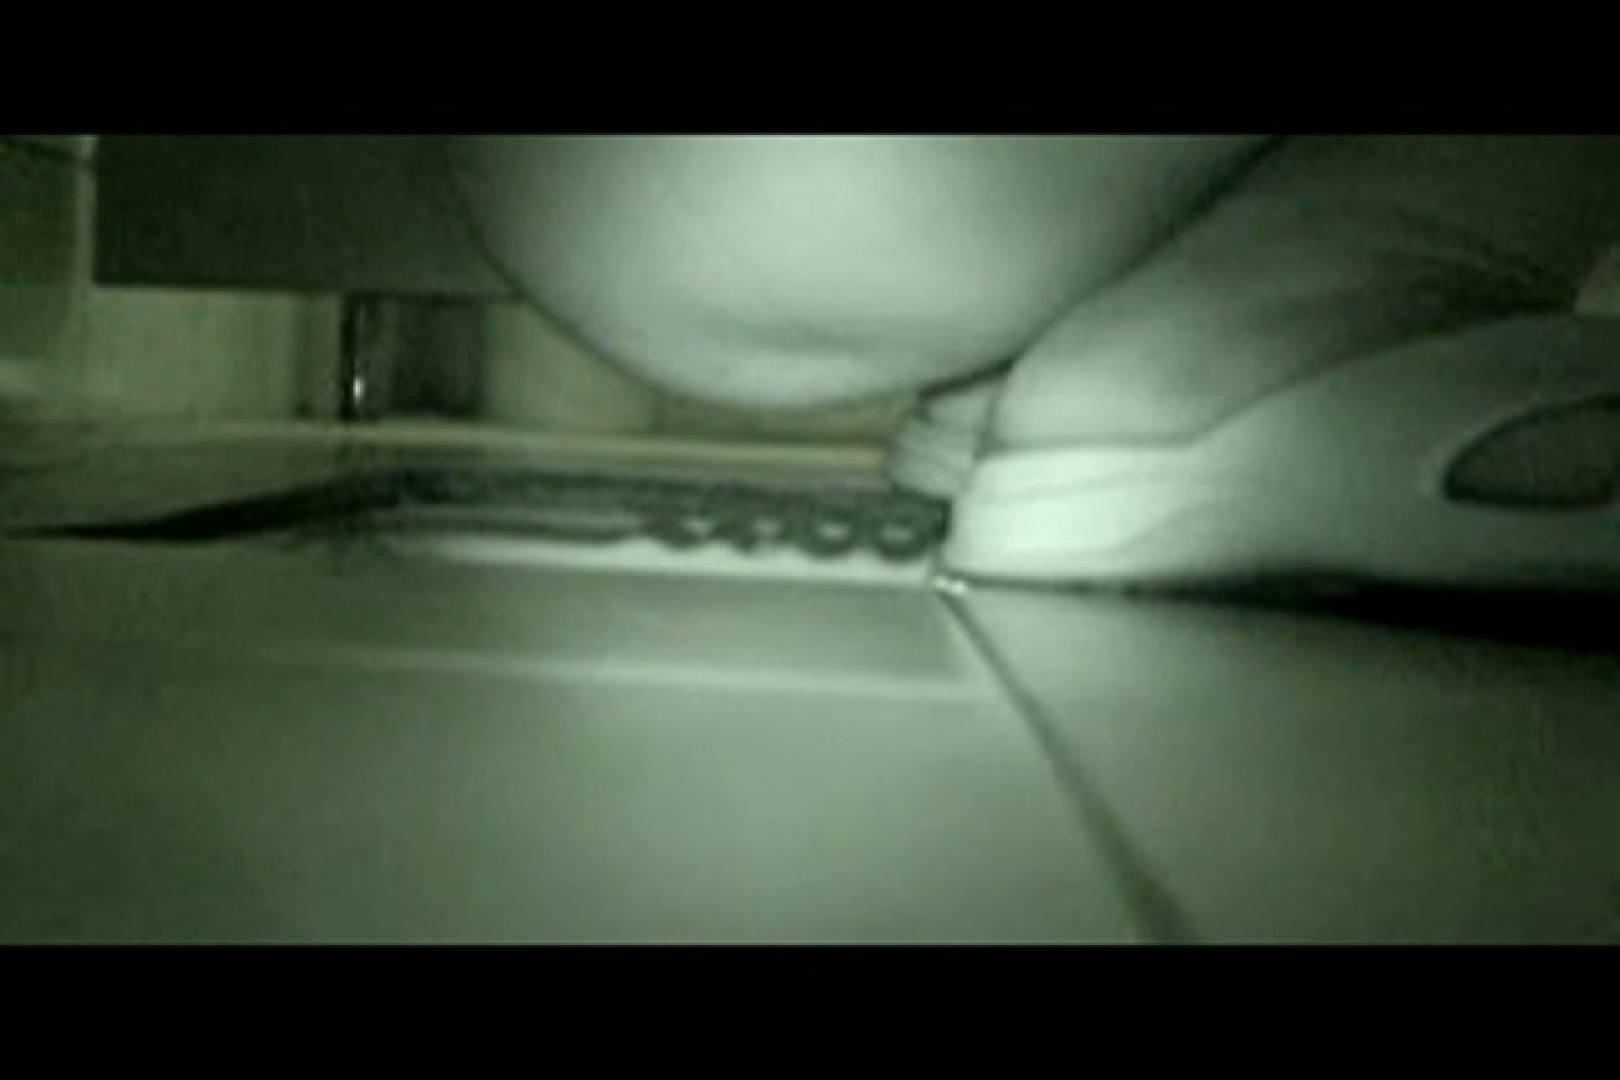 ぼっとん洗面所スペシャルVol.16 おまんこ無修正 隠し撮りセックス画像 99pic 51